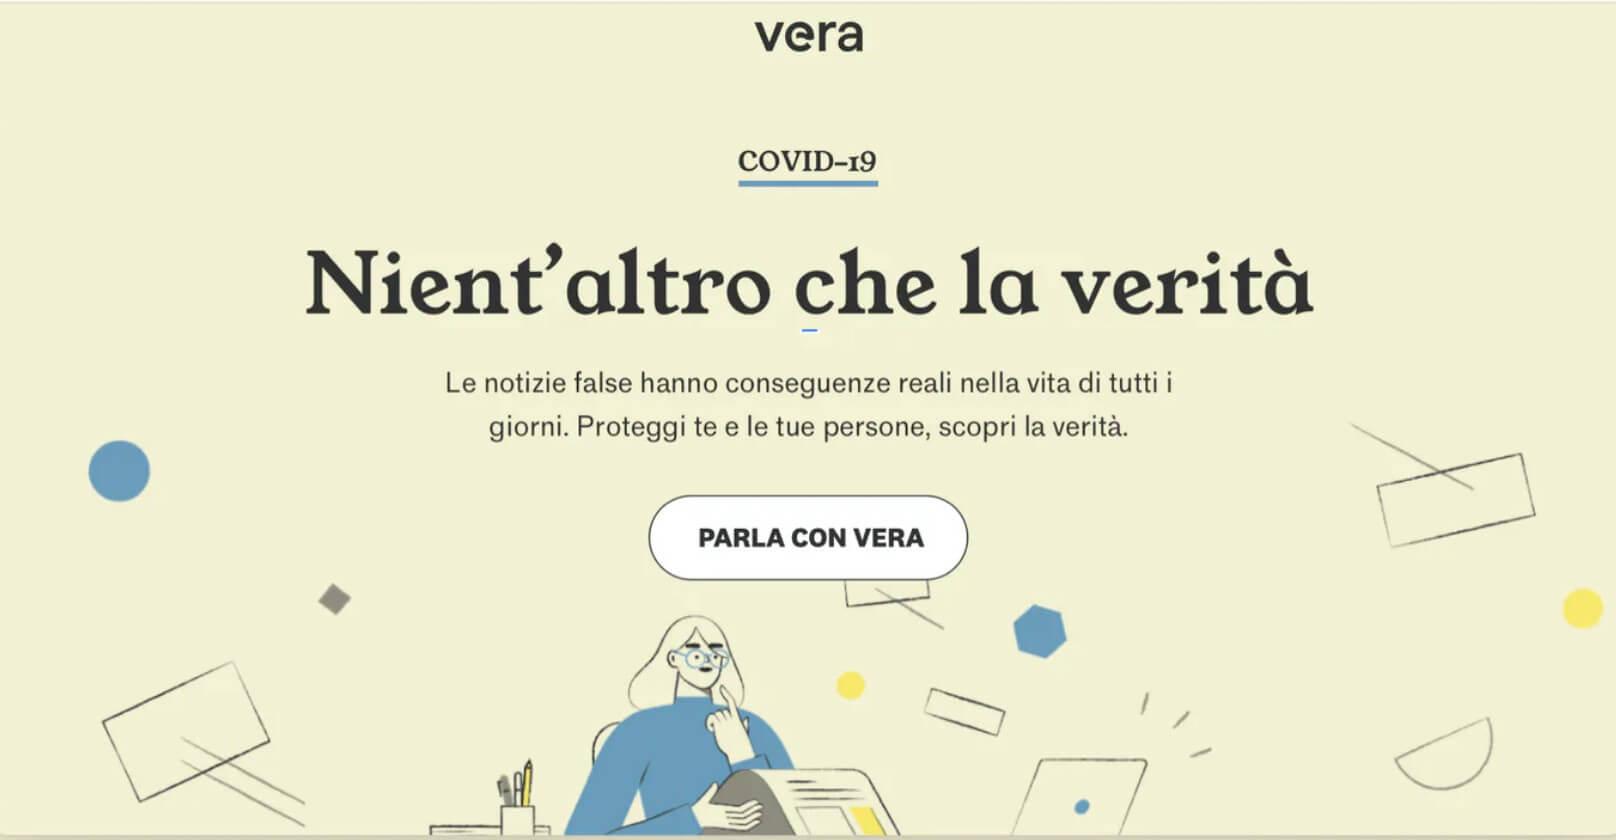 il progetto Vera di Indigo.ai per combattere la disinformazione da Covid-19